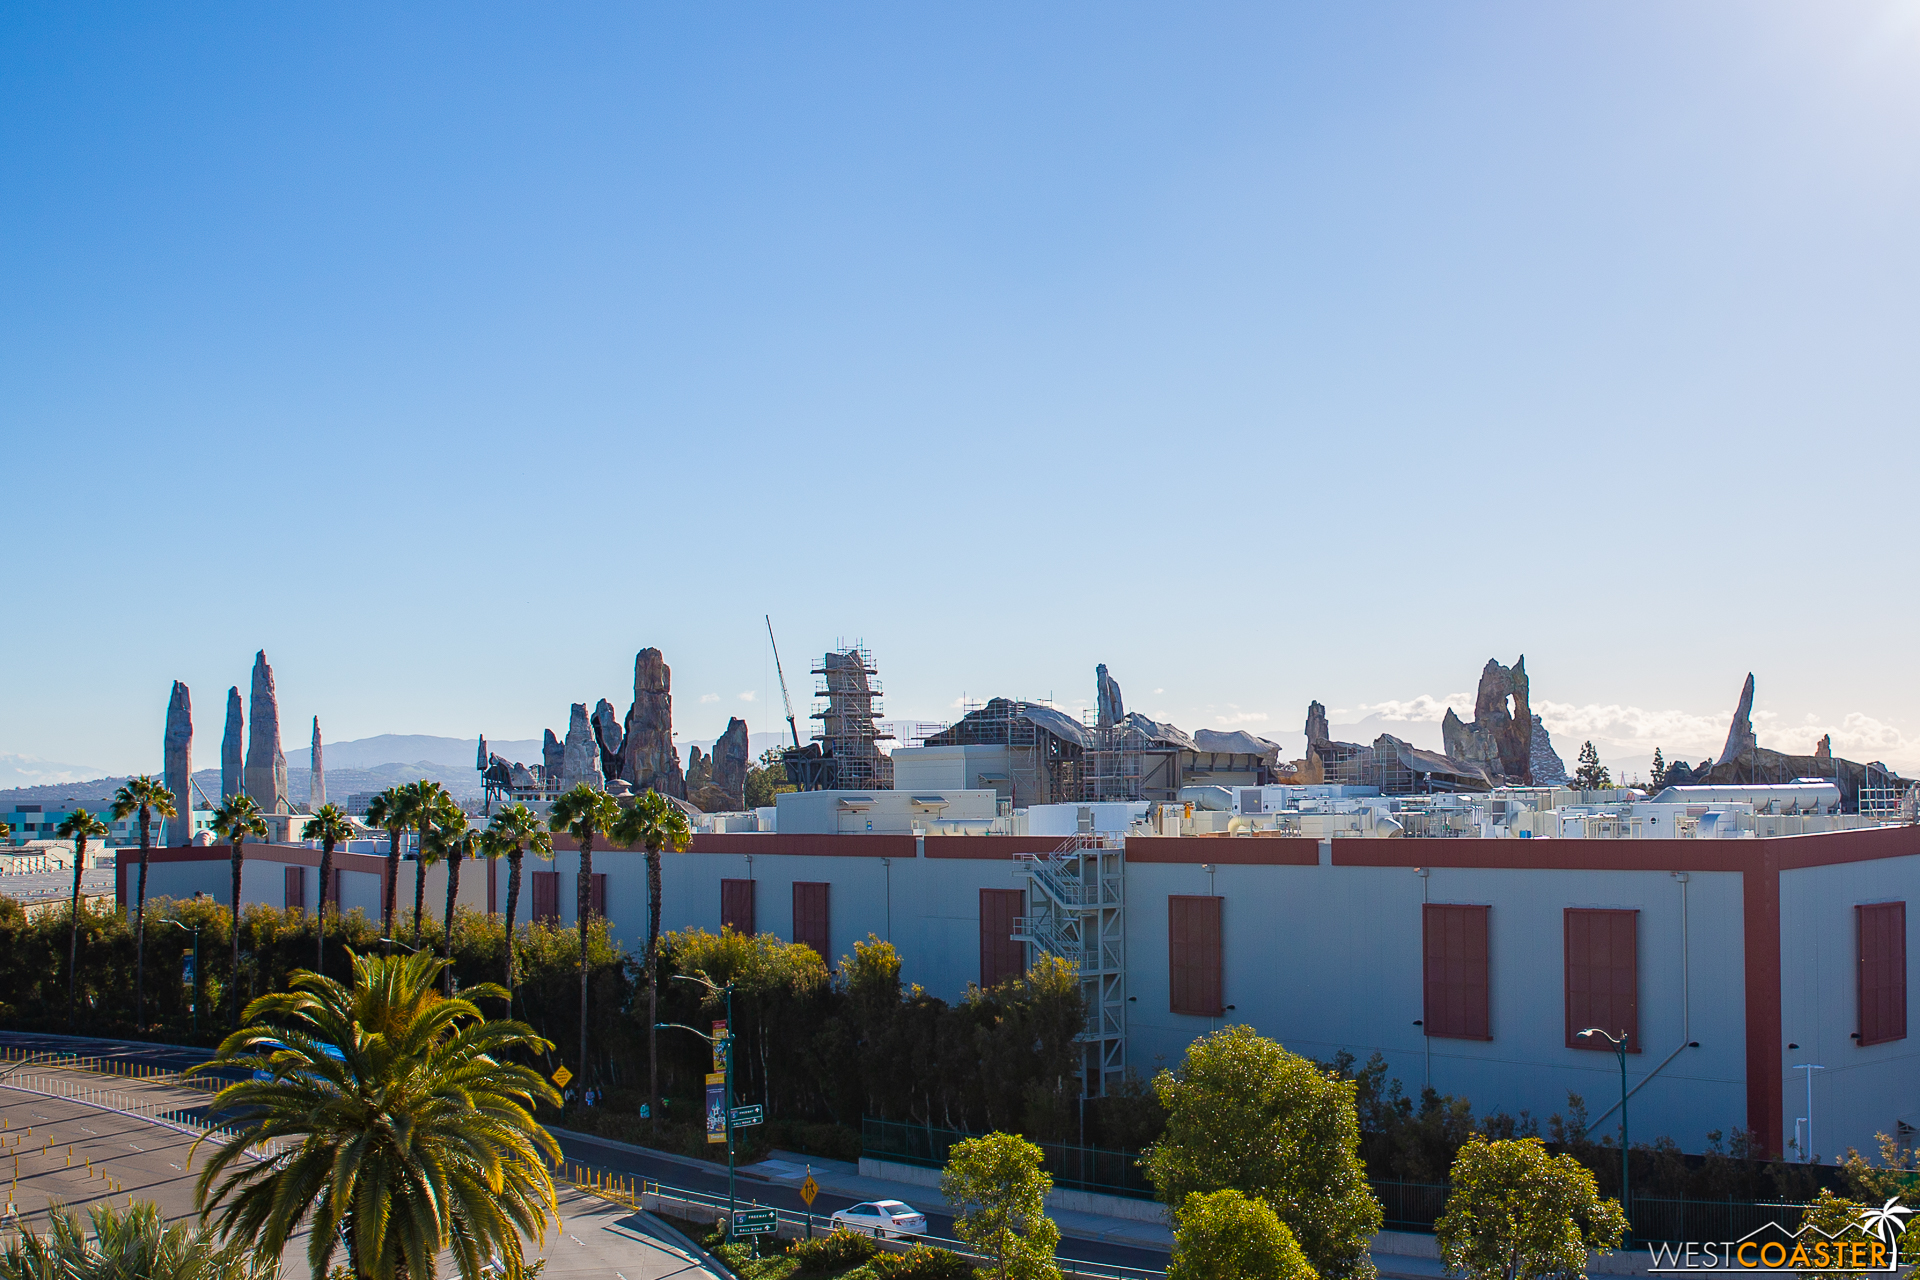 Westcoaster Disneyland Update 2-19-108.jpg